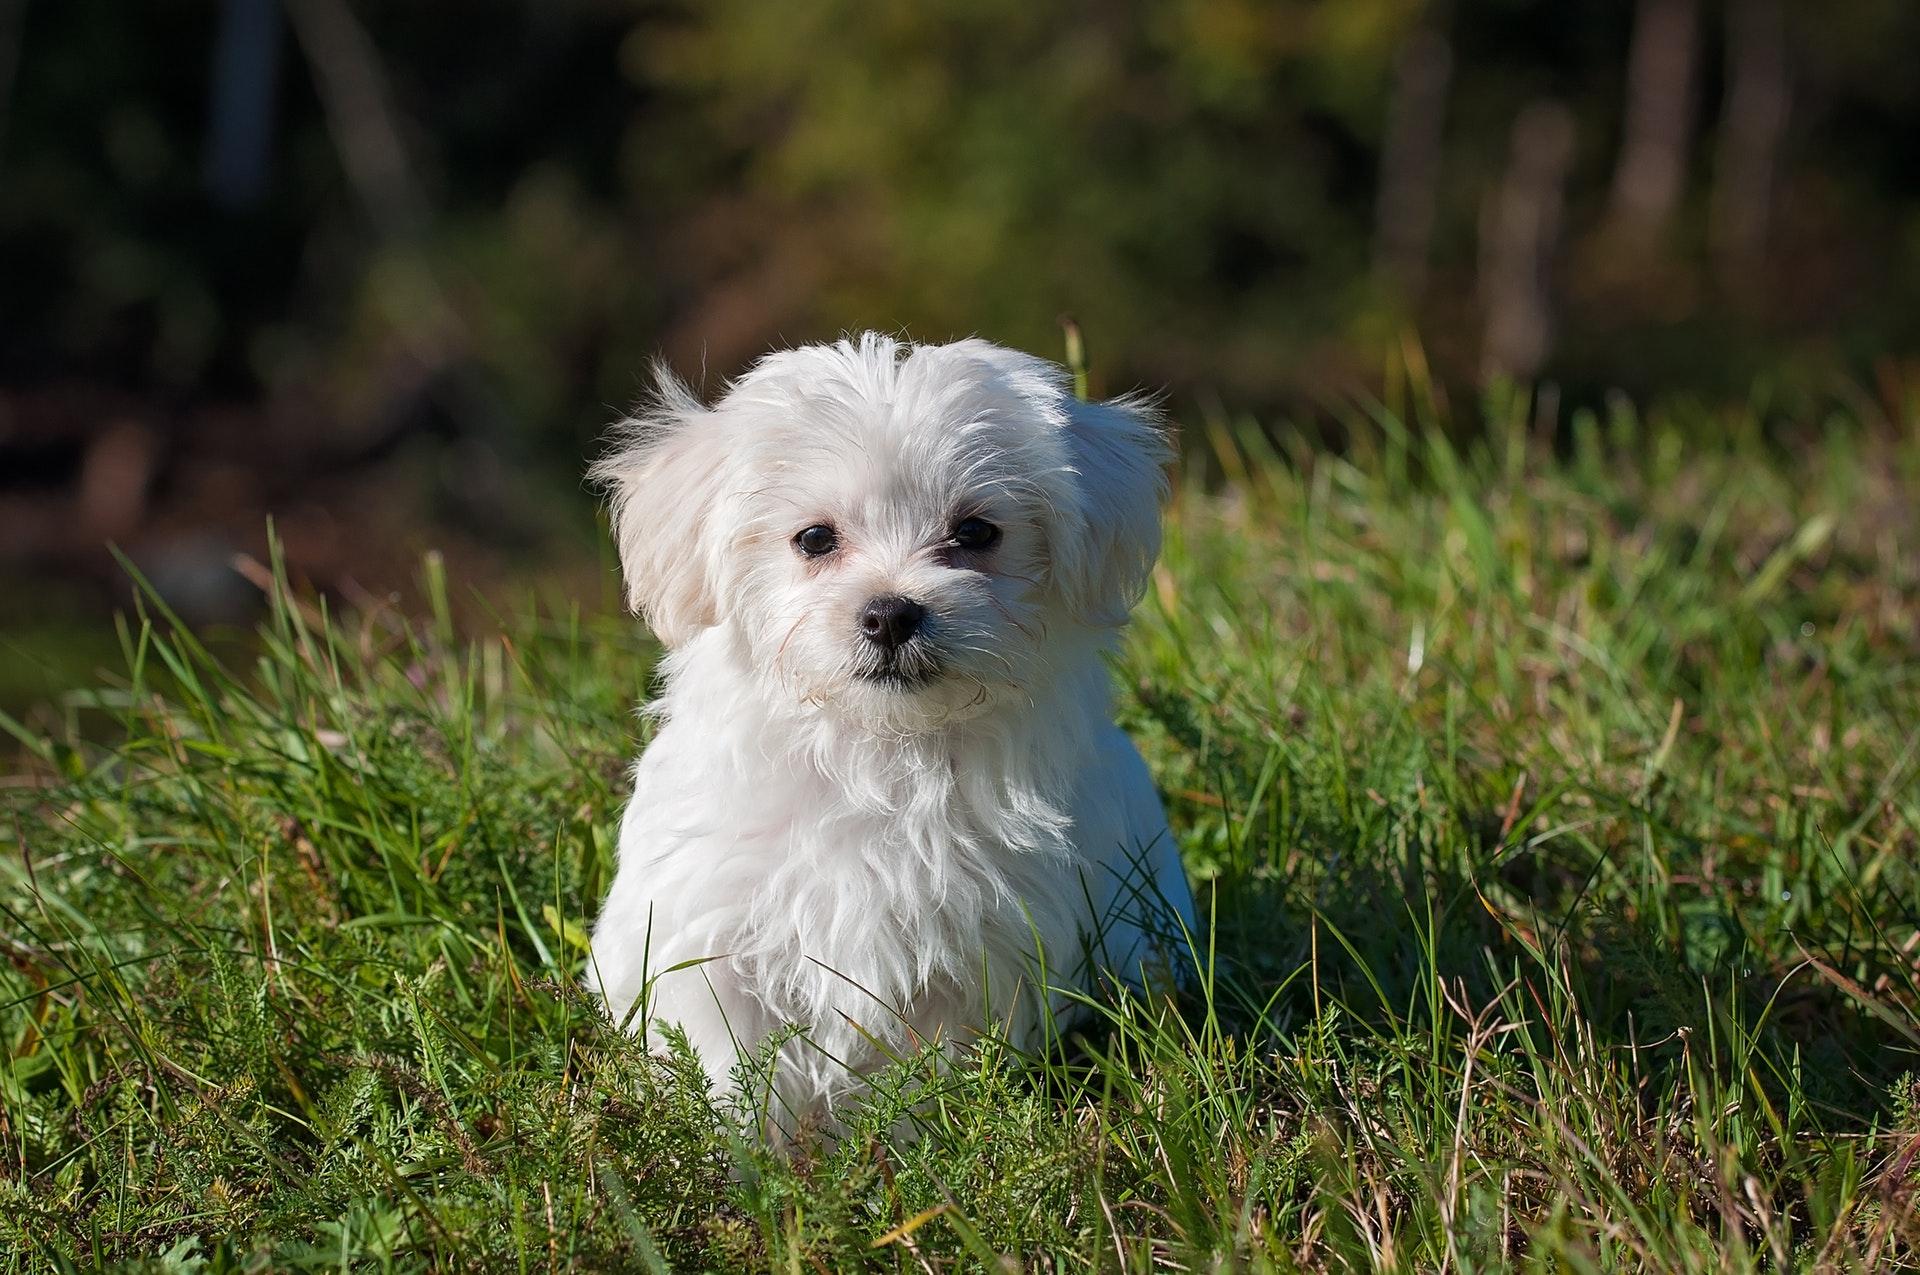 hund, dyr, sød, cute, nuttet, hundehvalp, sikker, sikkerhed